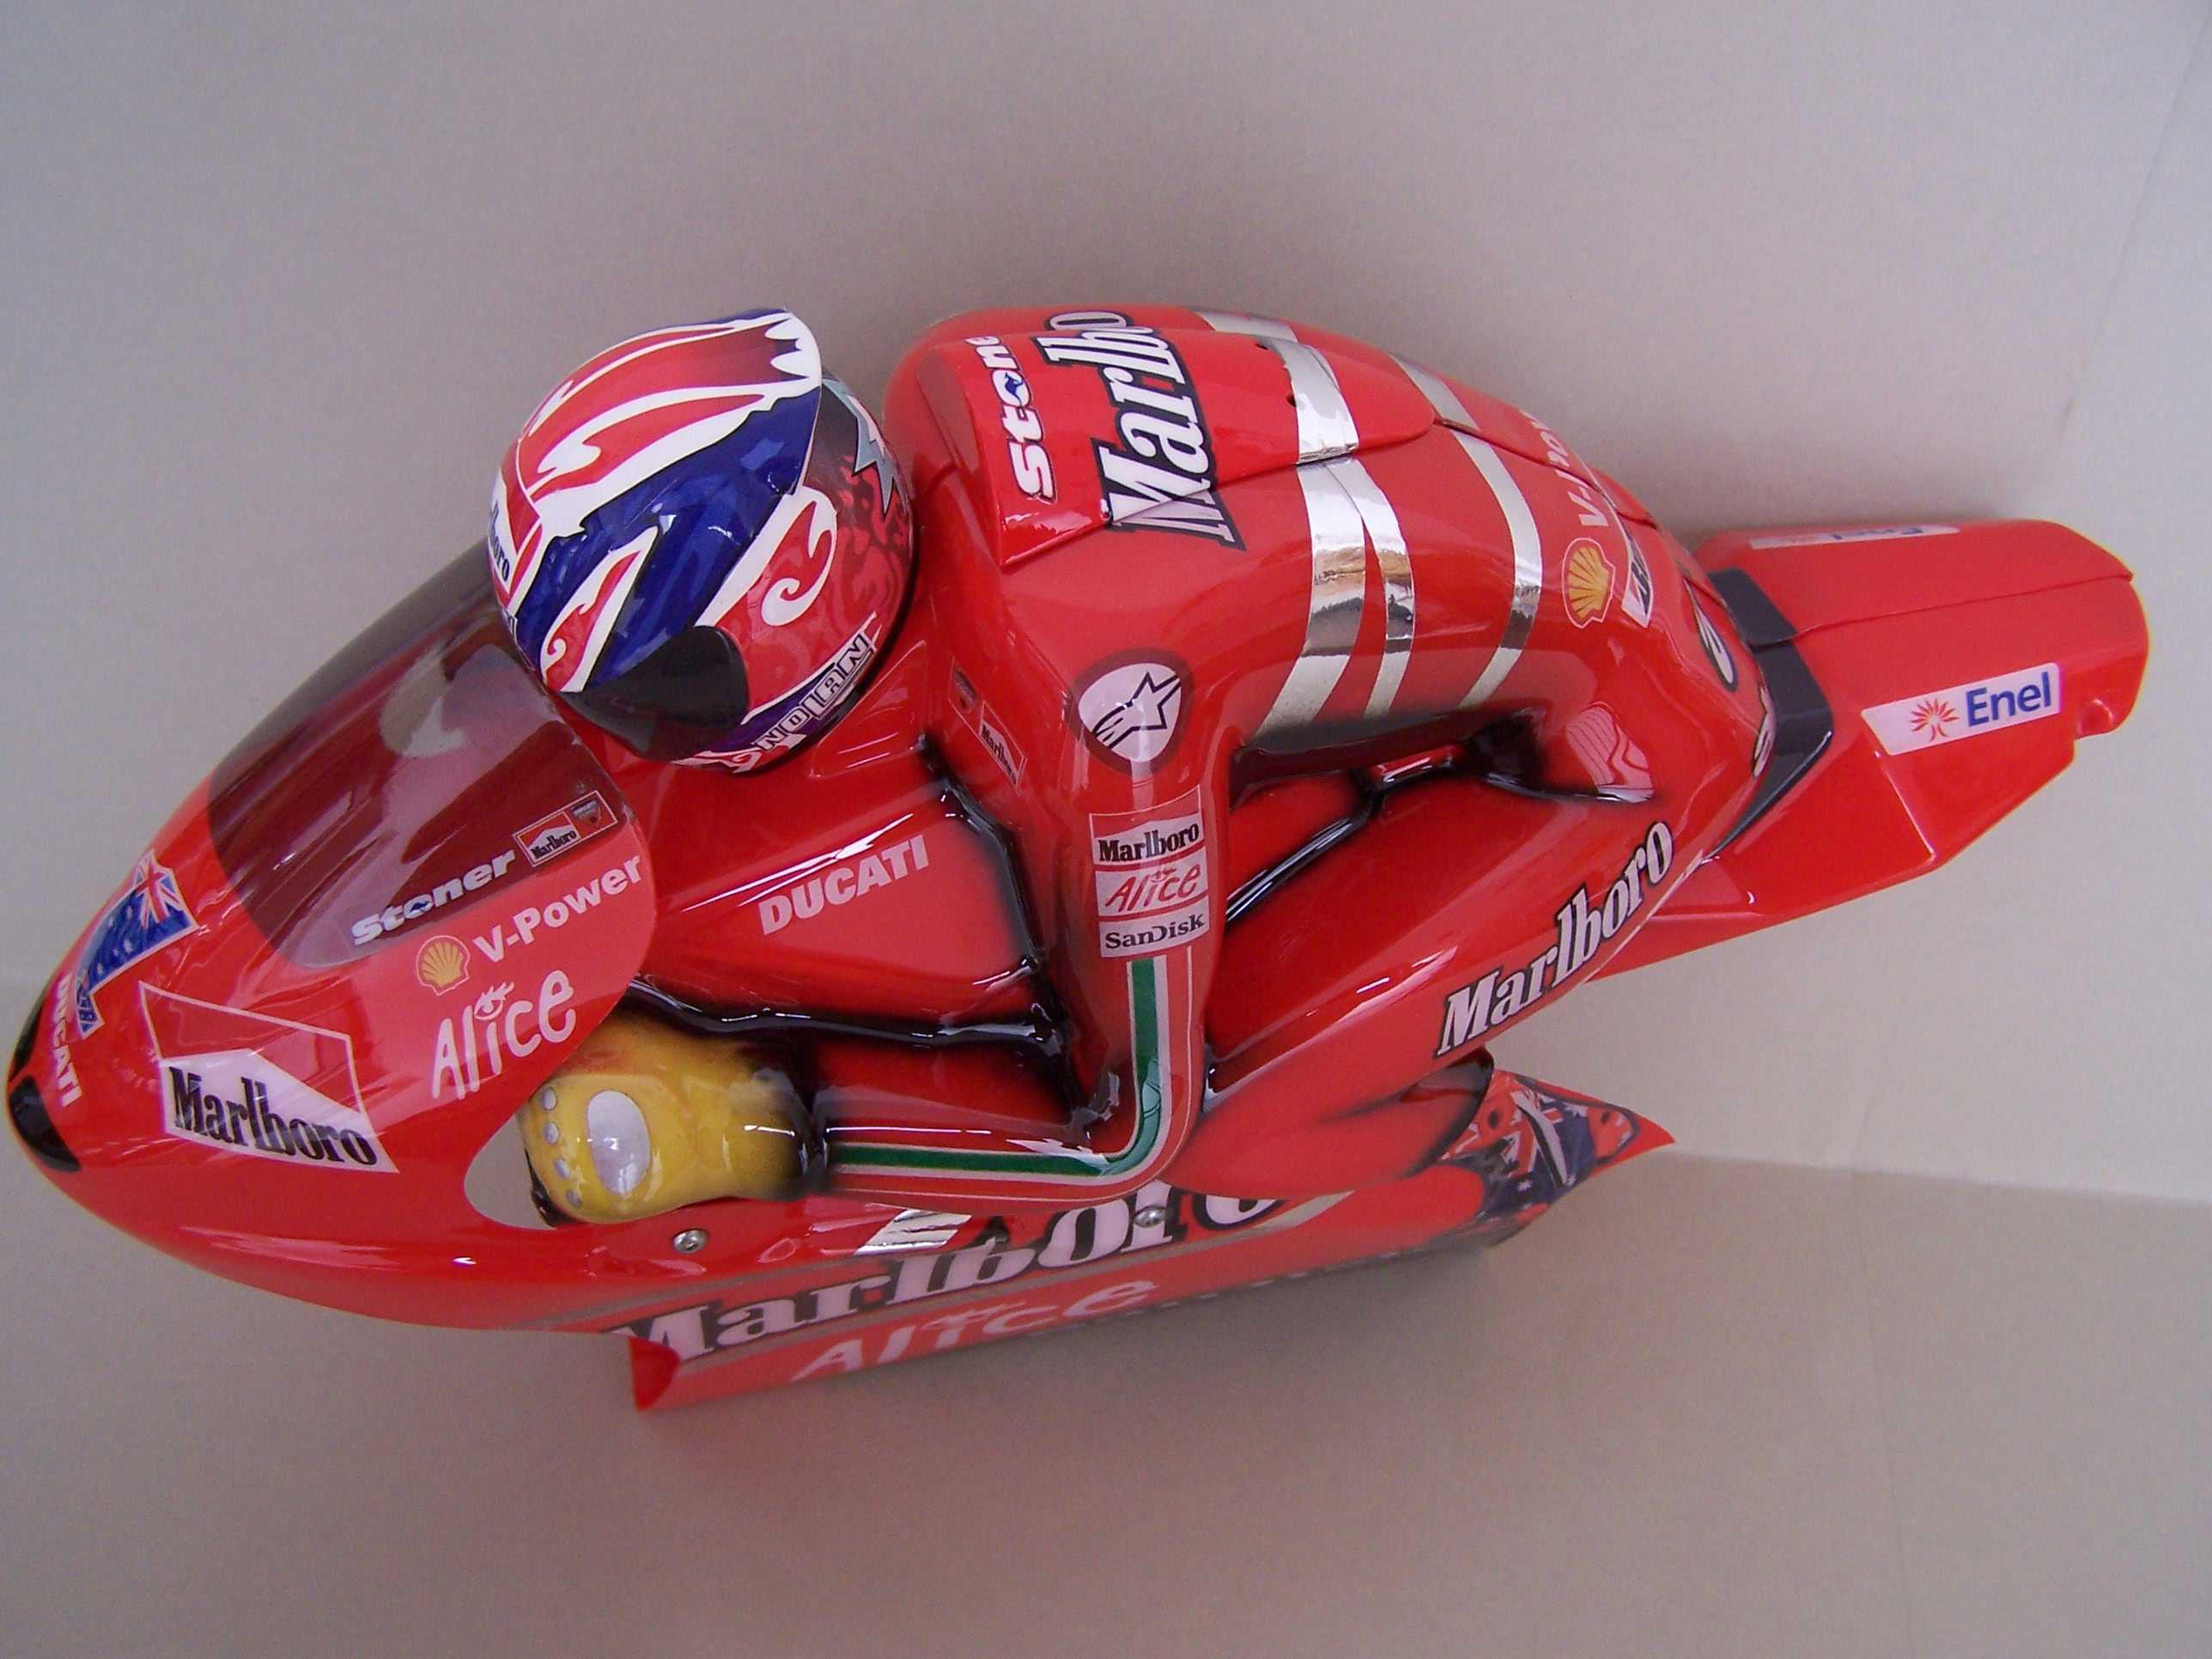 [Marlboro-Ducati-Stoner-2008-11.jpg]